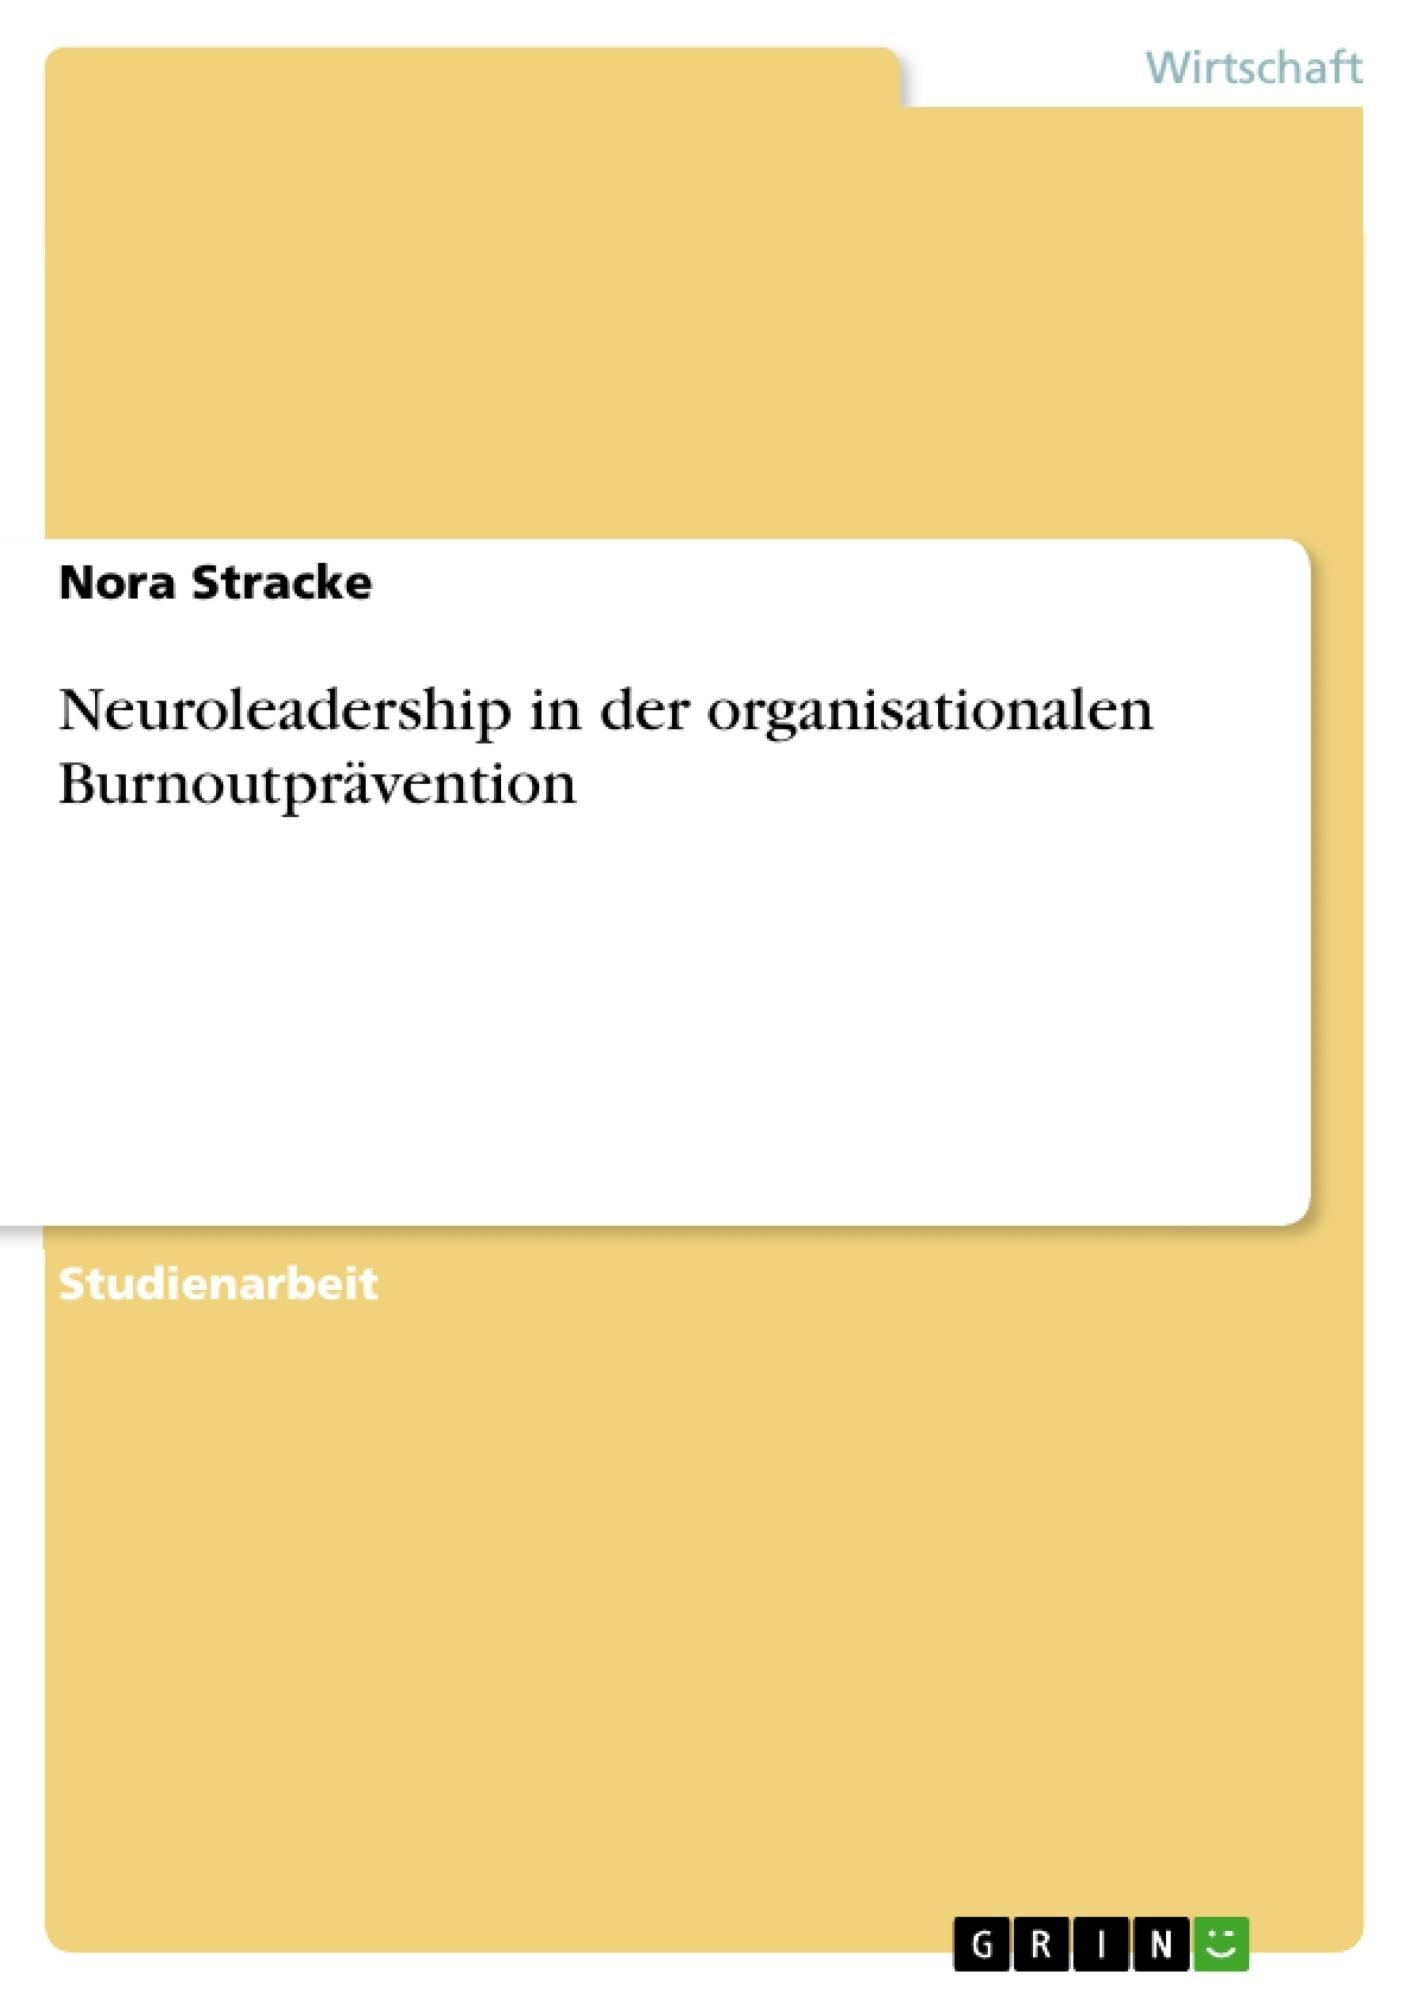 Titel: Neuroleadership in der organisationalen Burnoutprävention